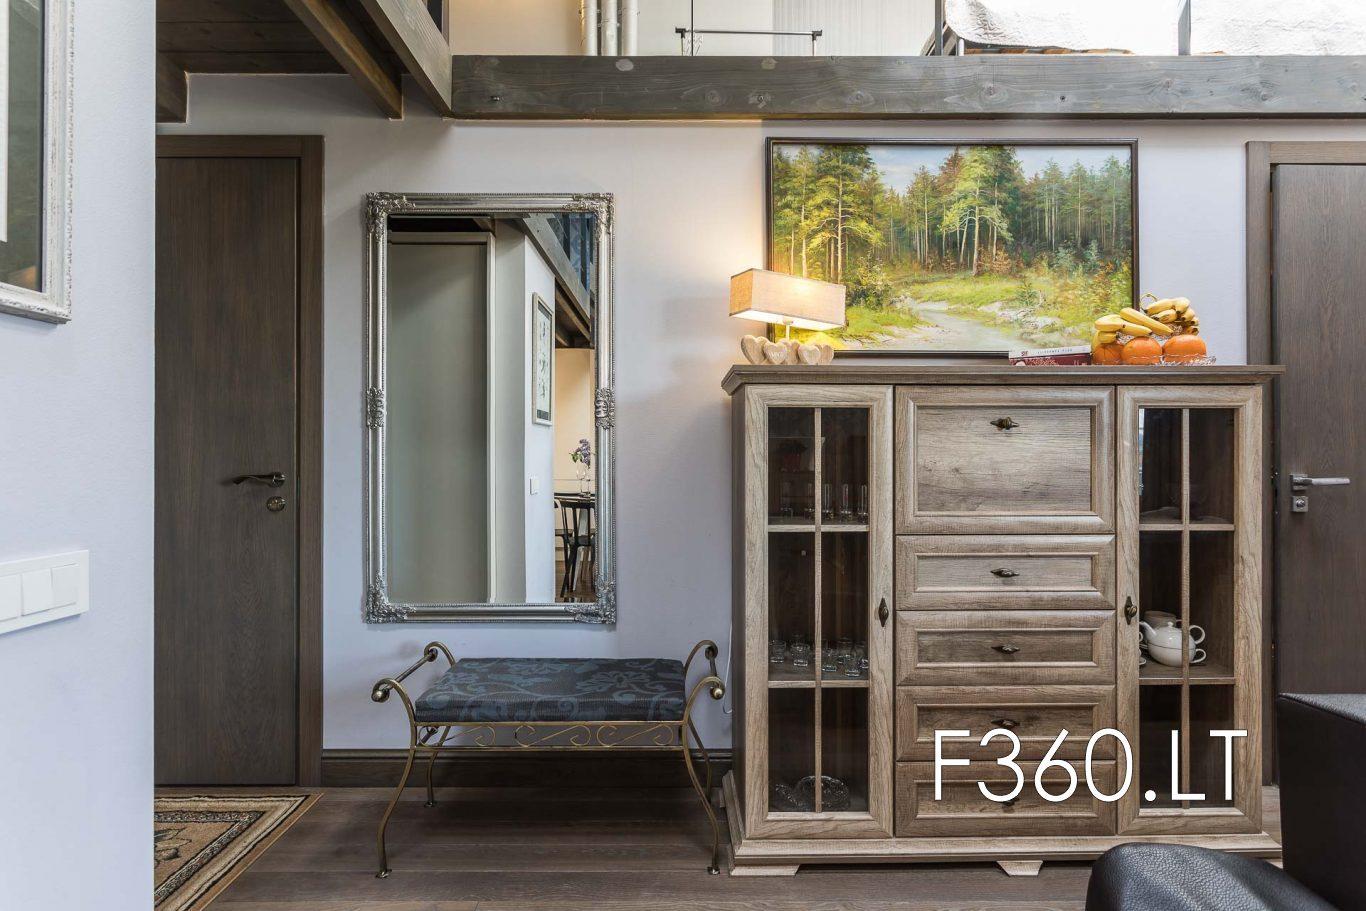 Nt121 Apartmentas 'malūno Vilos' Palanga, Lietuva Fotografuoja Nuomai Butus F360 Lt 3t4a6430